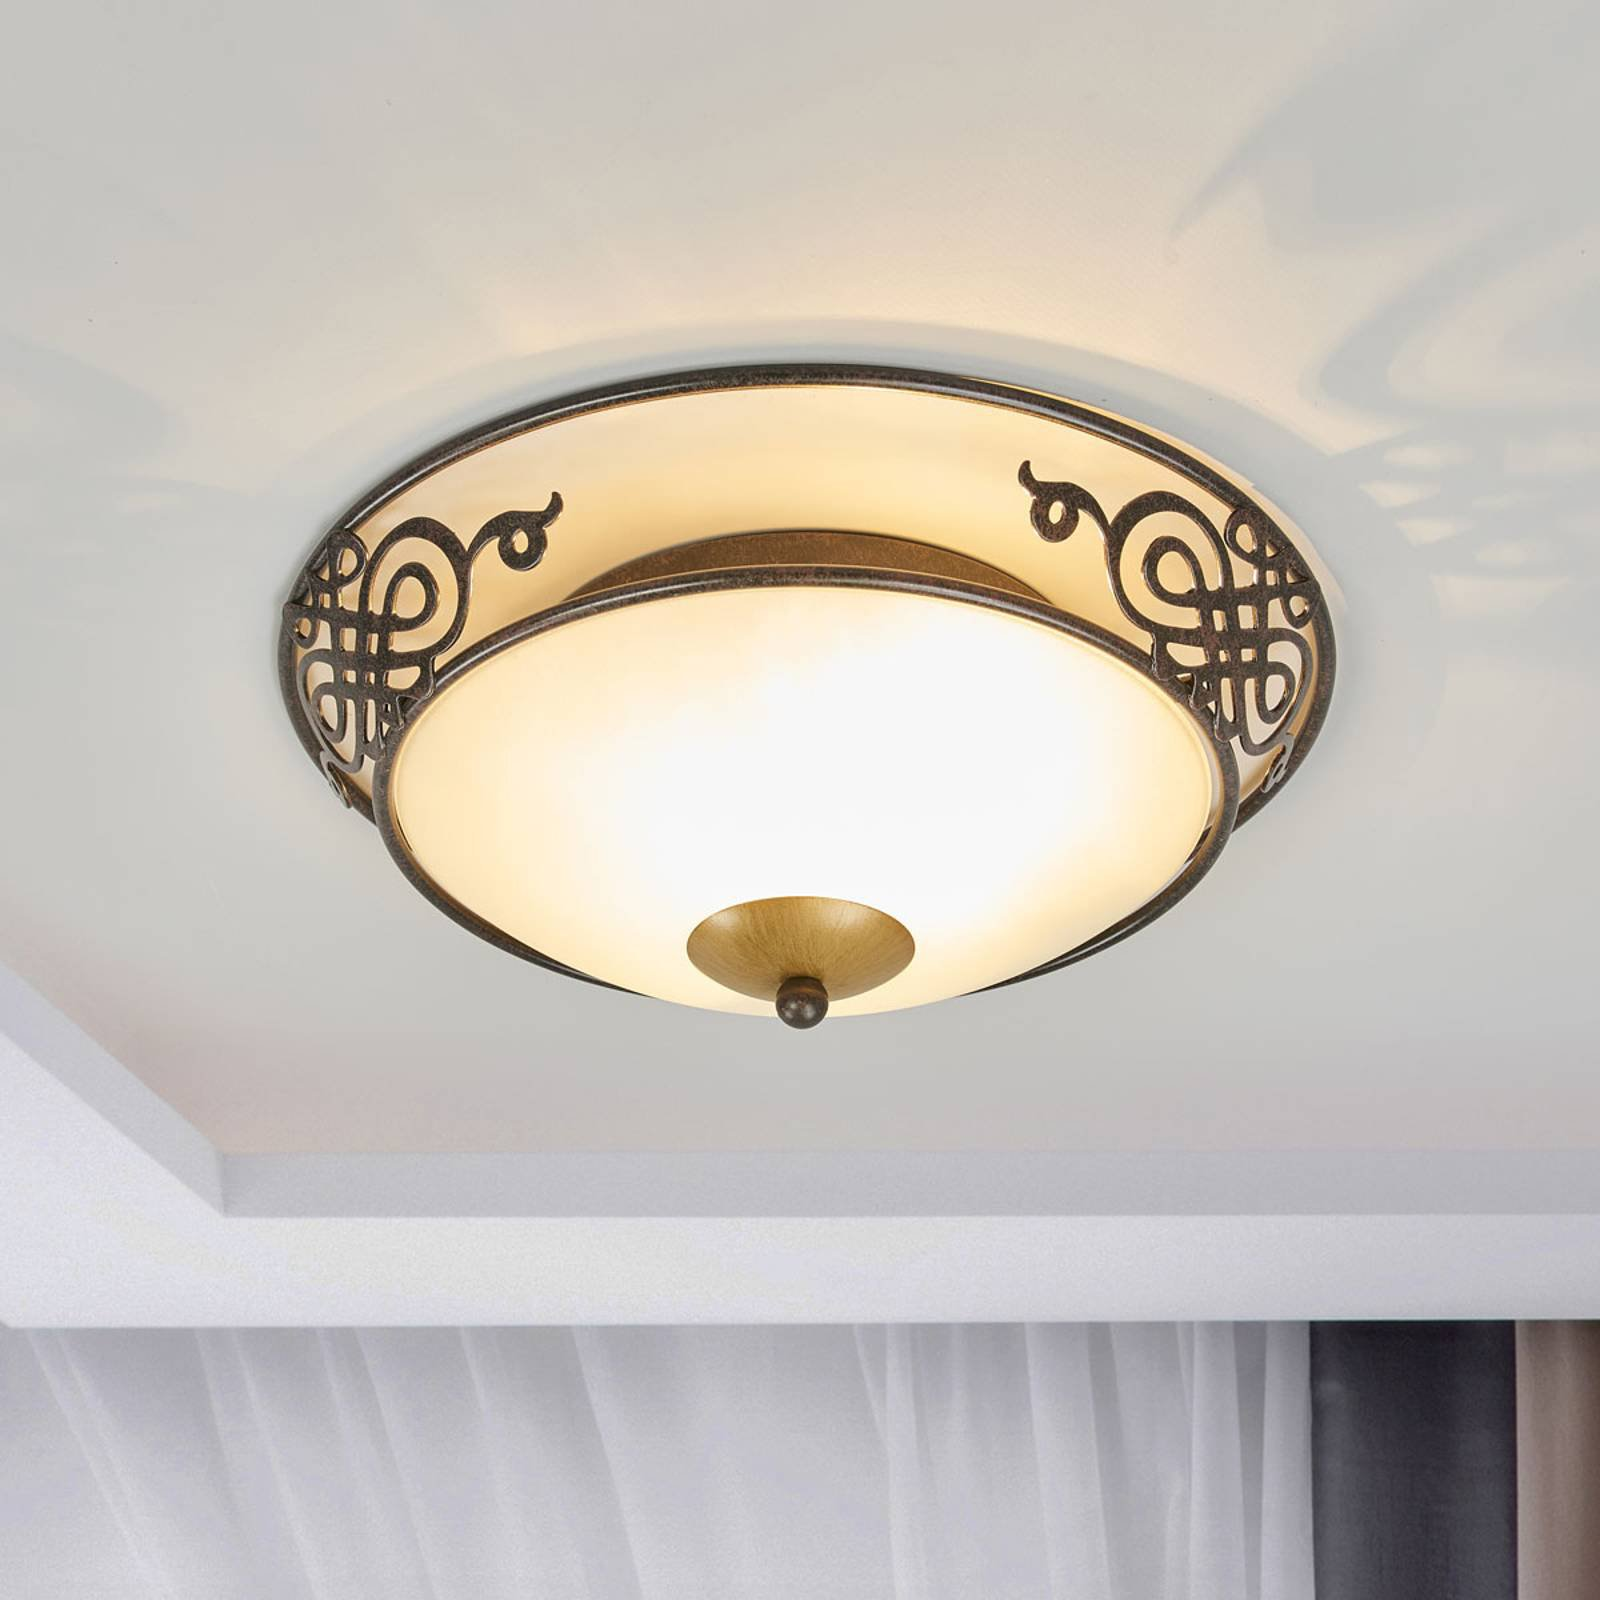 Rustikk Master taklampe på 33 cm